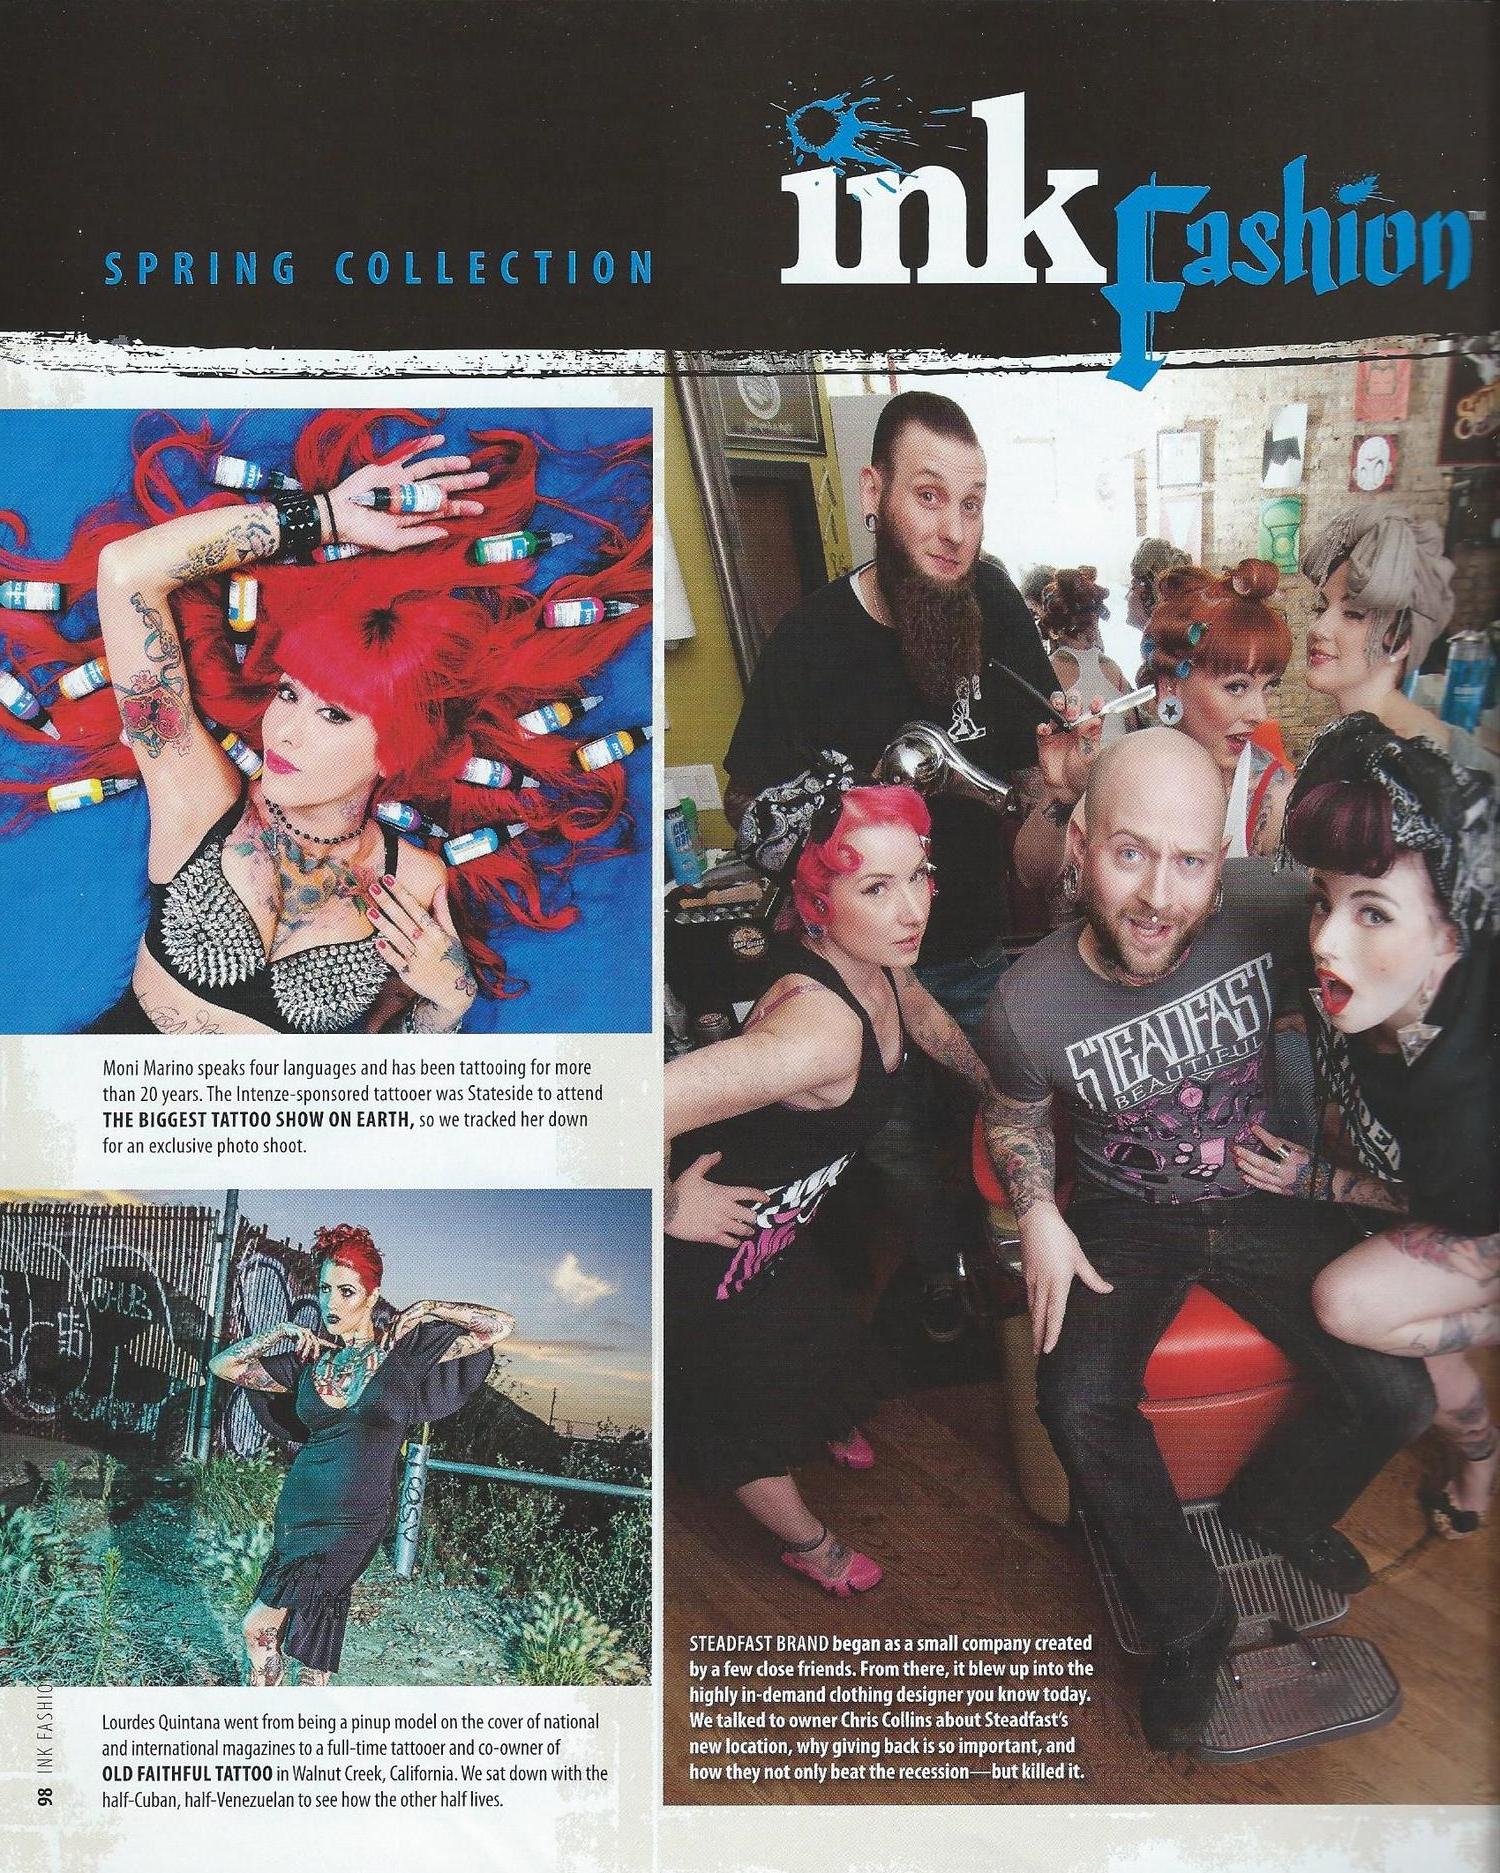 Ink Fashion Magazine 02/2013